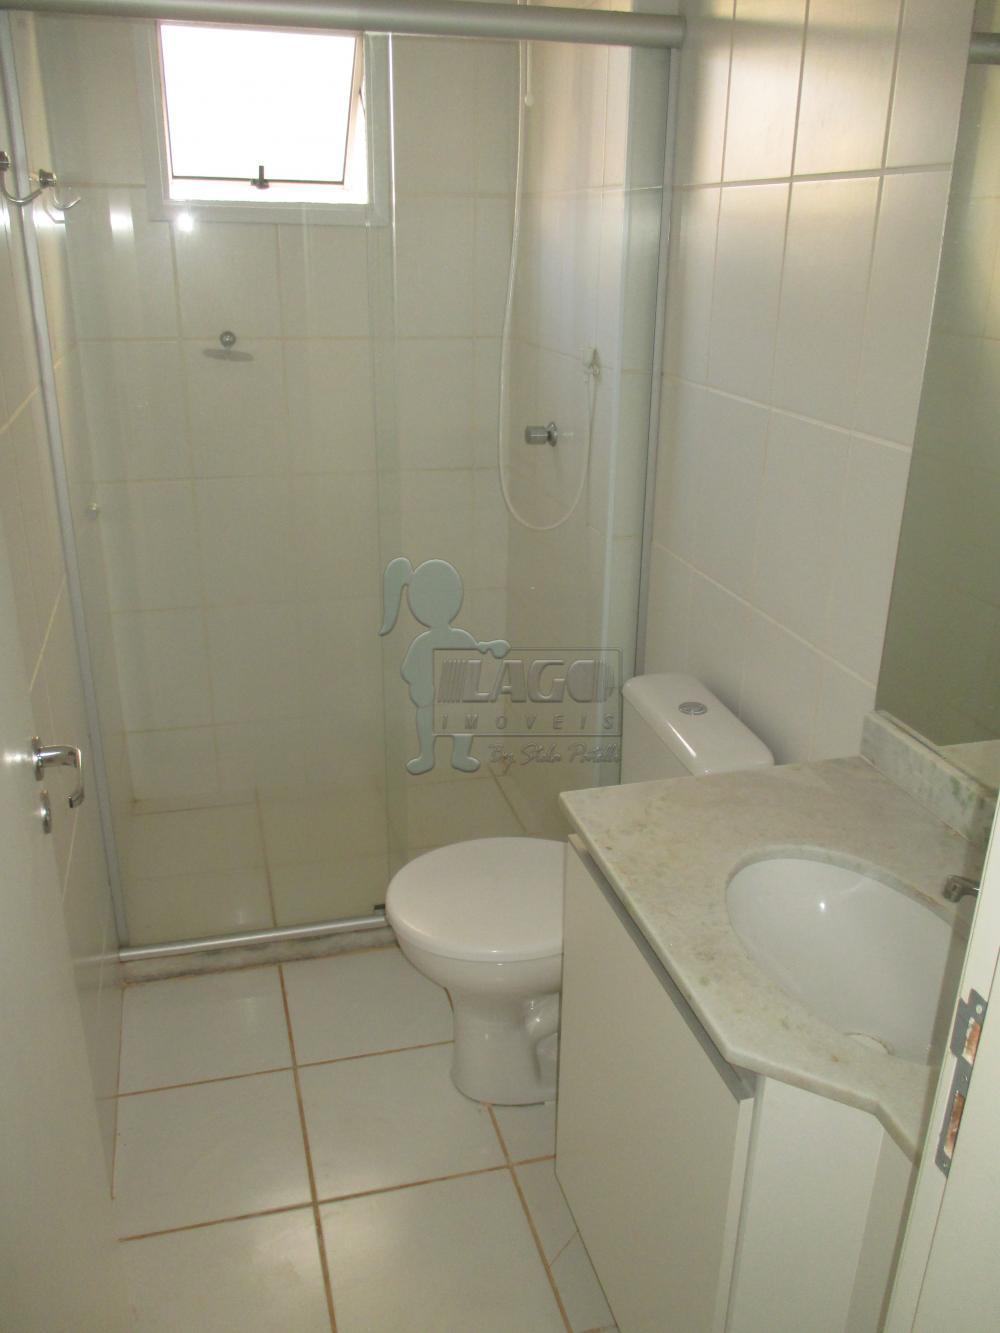 Alugar Casas / Condomínio em Ribeirão Preto apenas R$ 1.750,00 - Foto 8